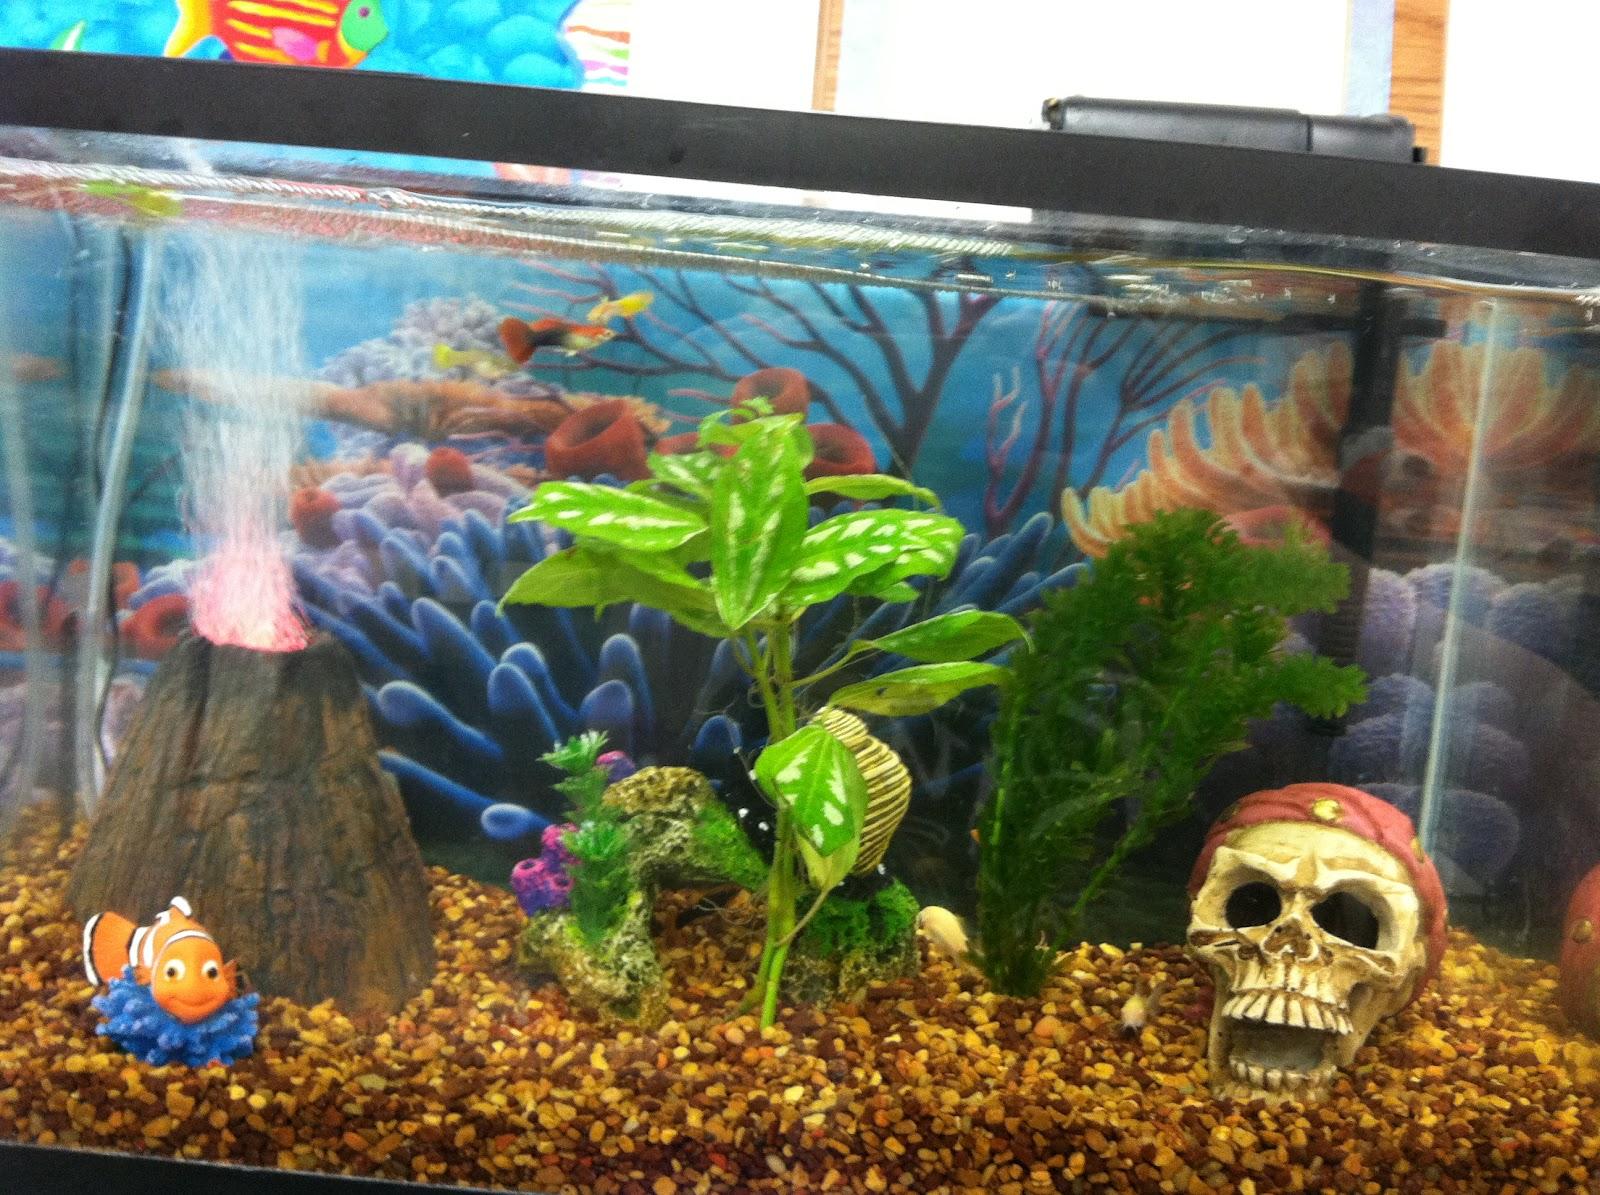 Finding Nemo Fish Tank Volcano | www.pixshark.com - Images ...